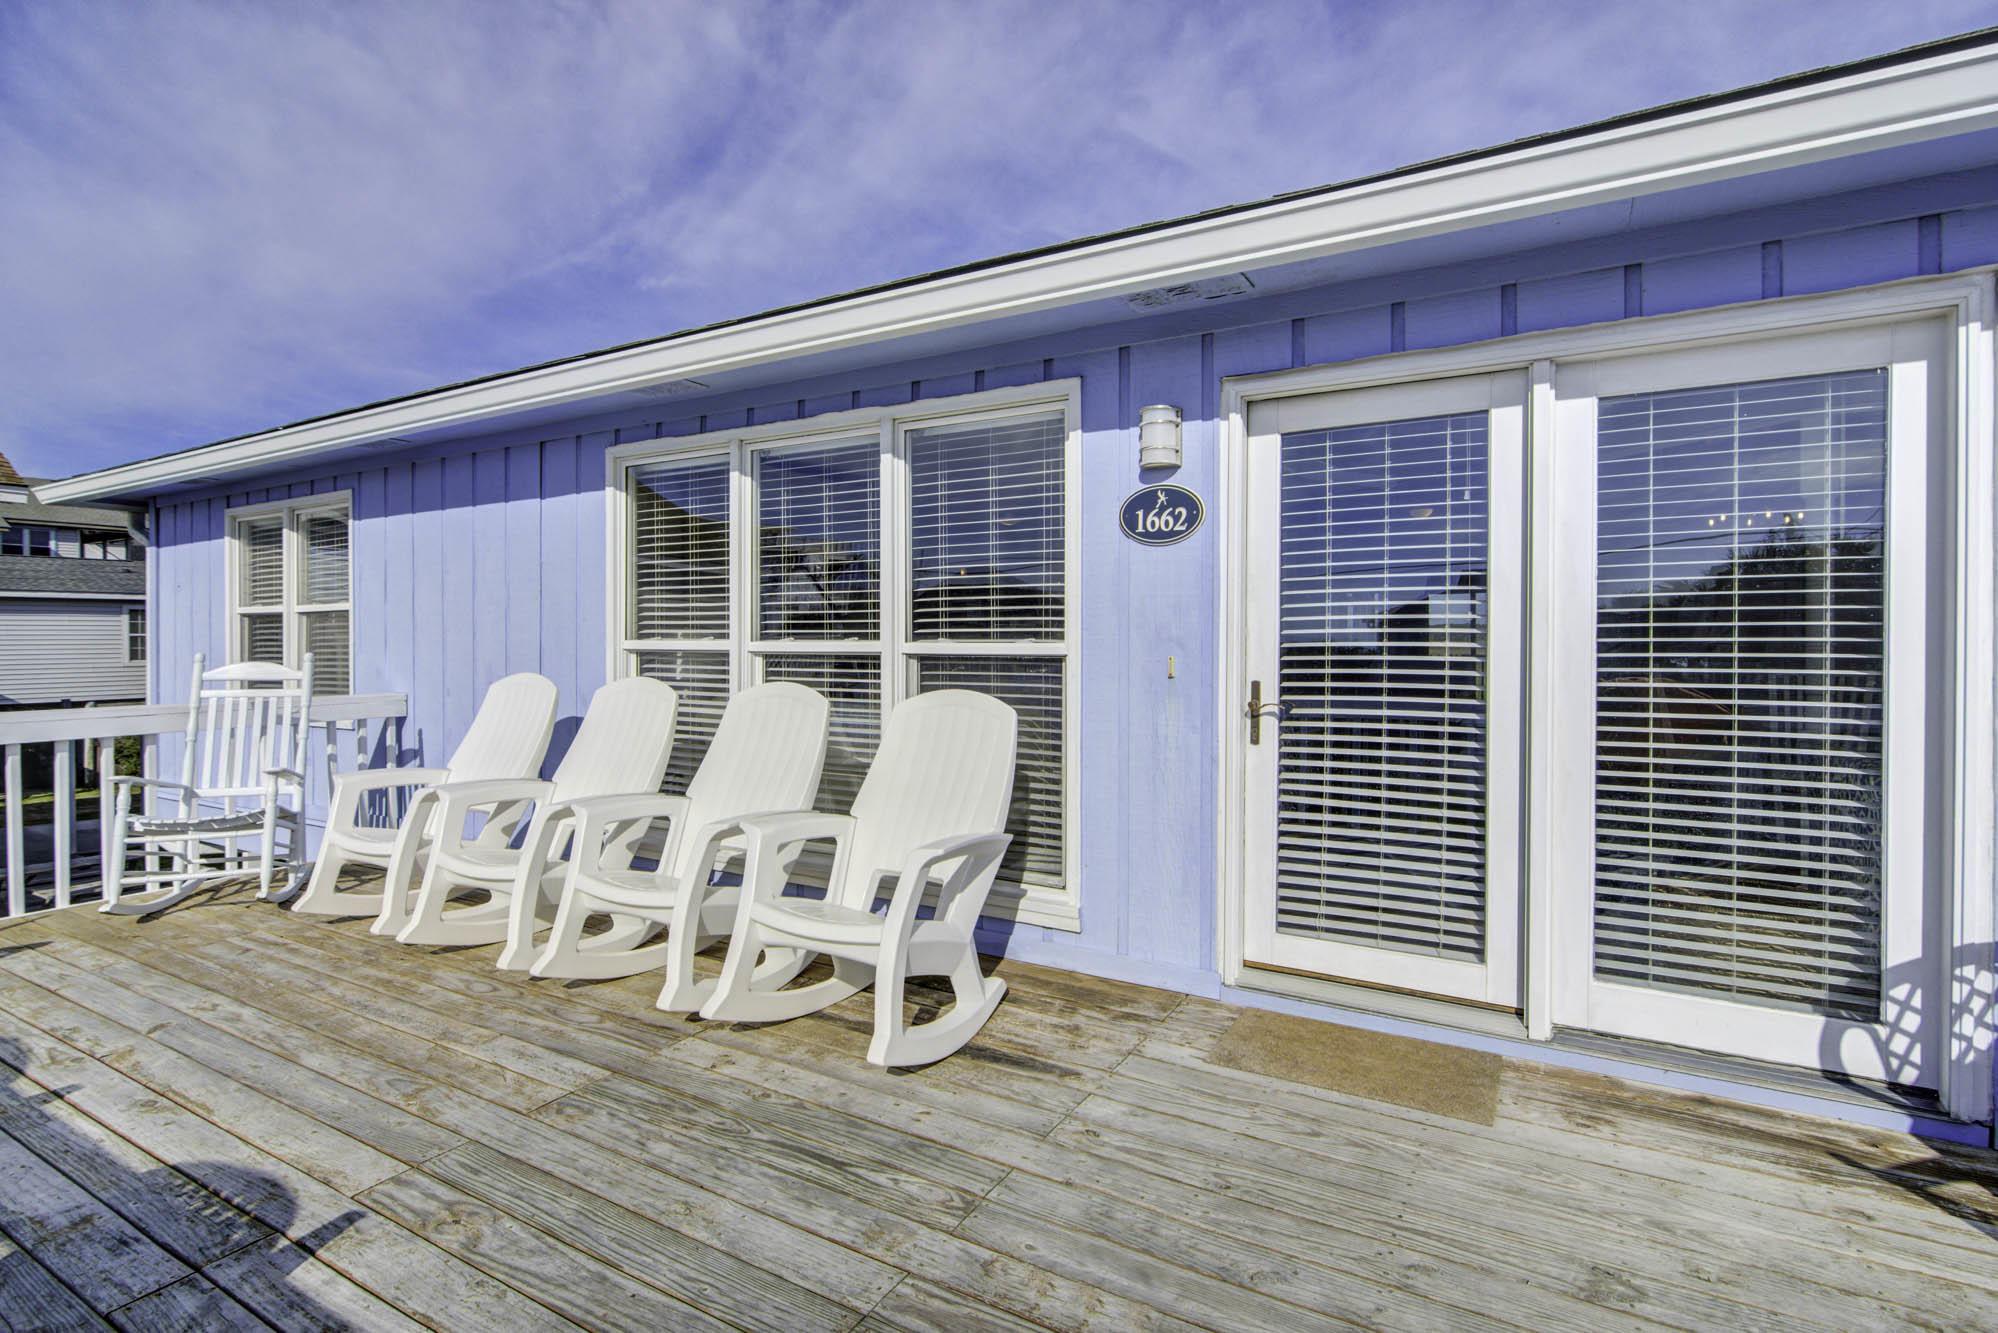 E Folly Bch Shores Homes For Sale - 1662 Ashley, Folly Beach, SC - 32